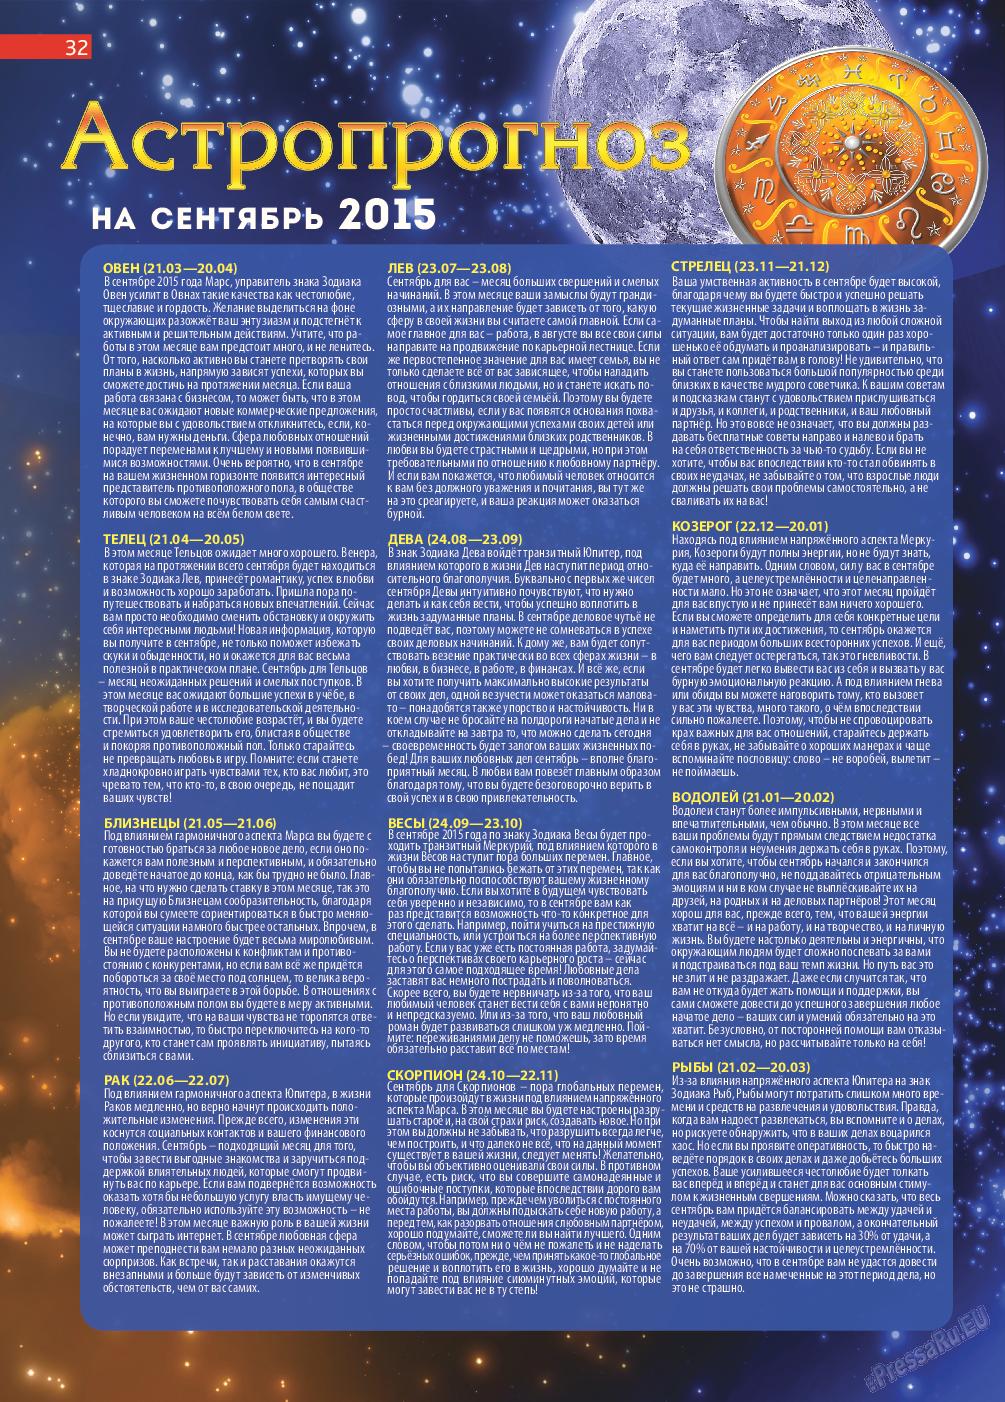 бланки характеристик: телец гороскоп на декабрь 2015 год производство Хабаровске Возможна